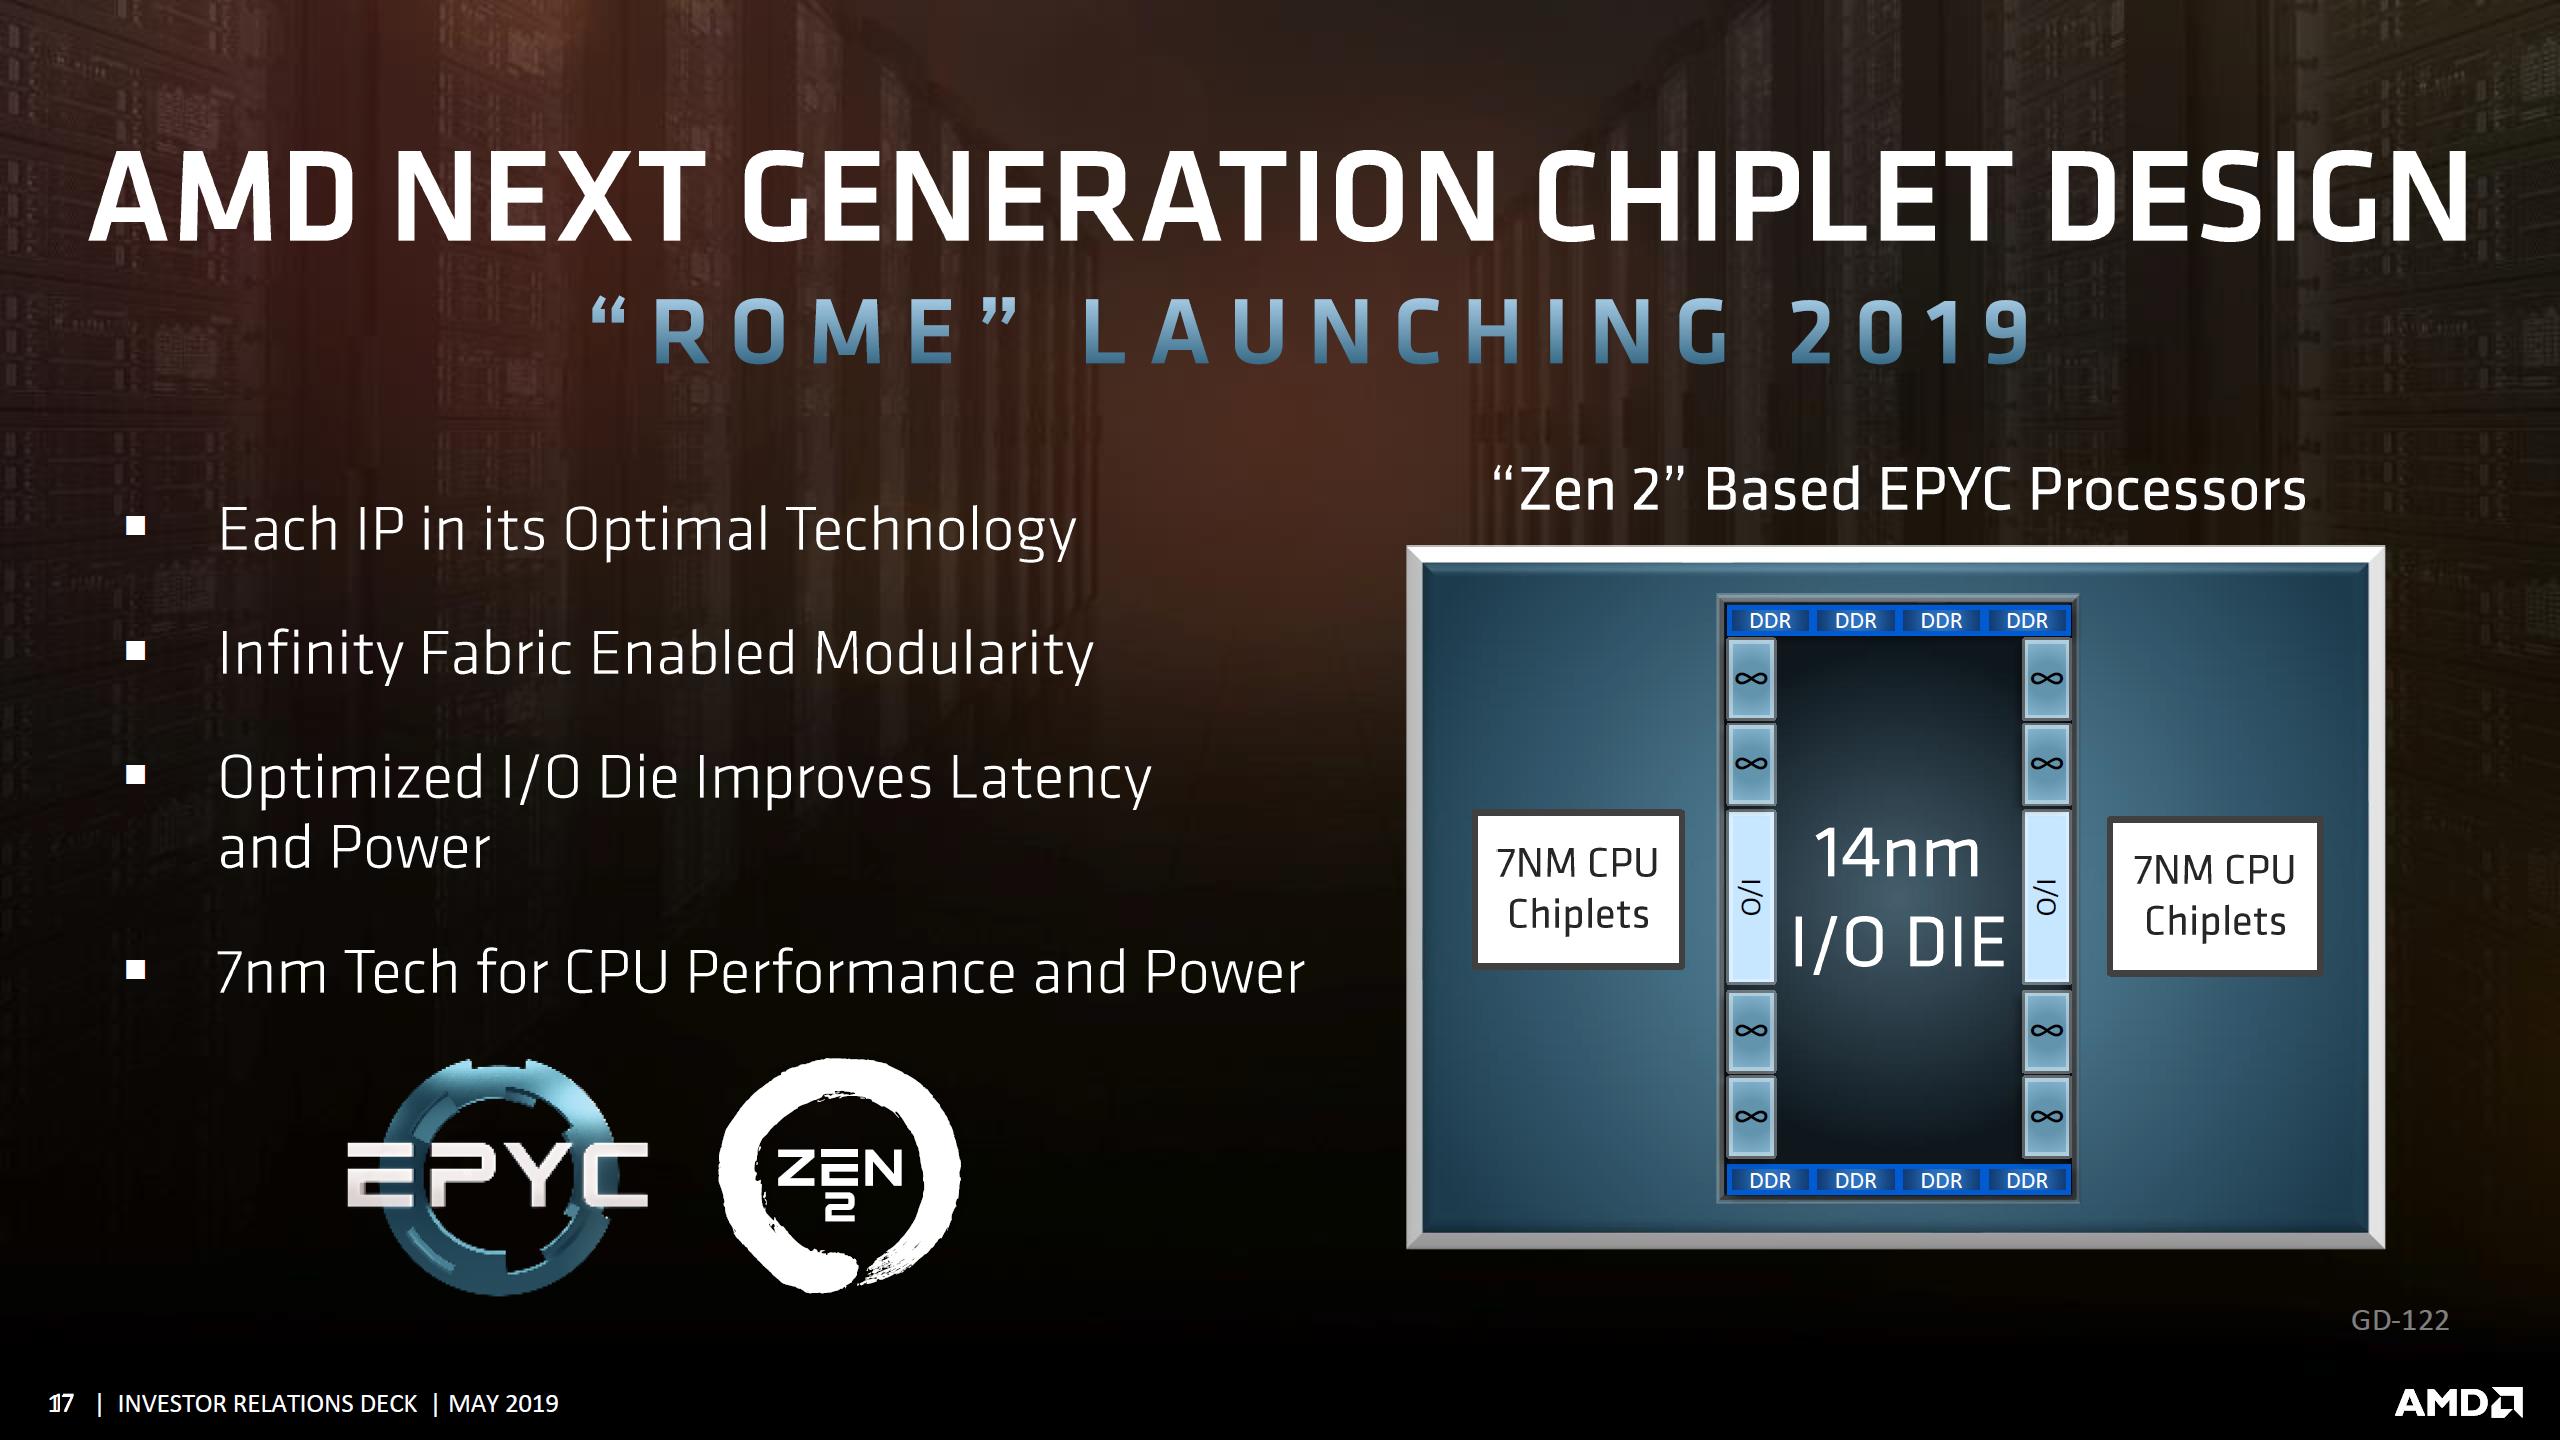 AMD Zen 4, 5nm Ryzen & Epyc CPUs Can Feature 80% More